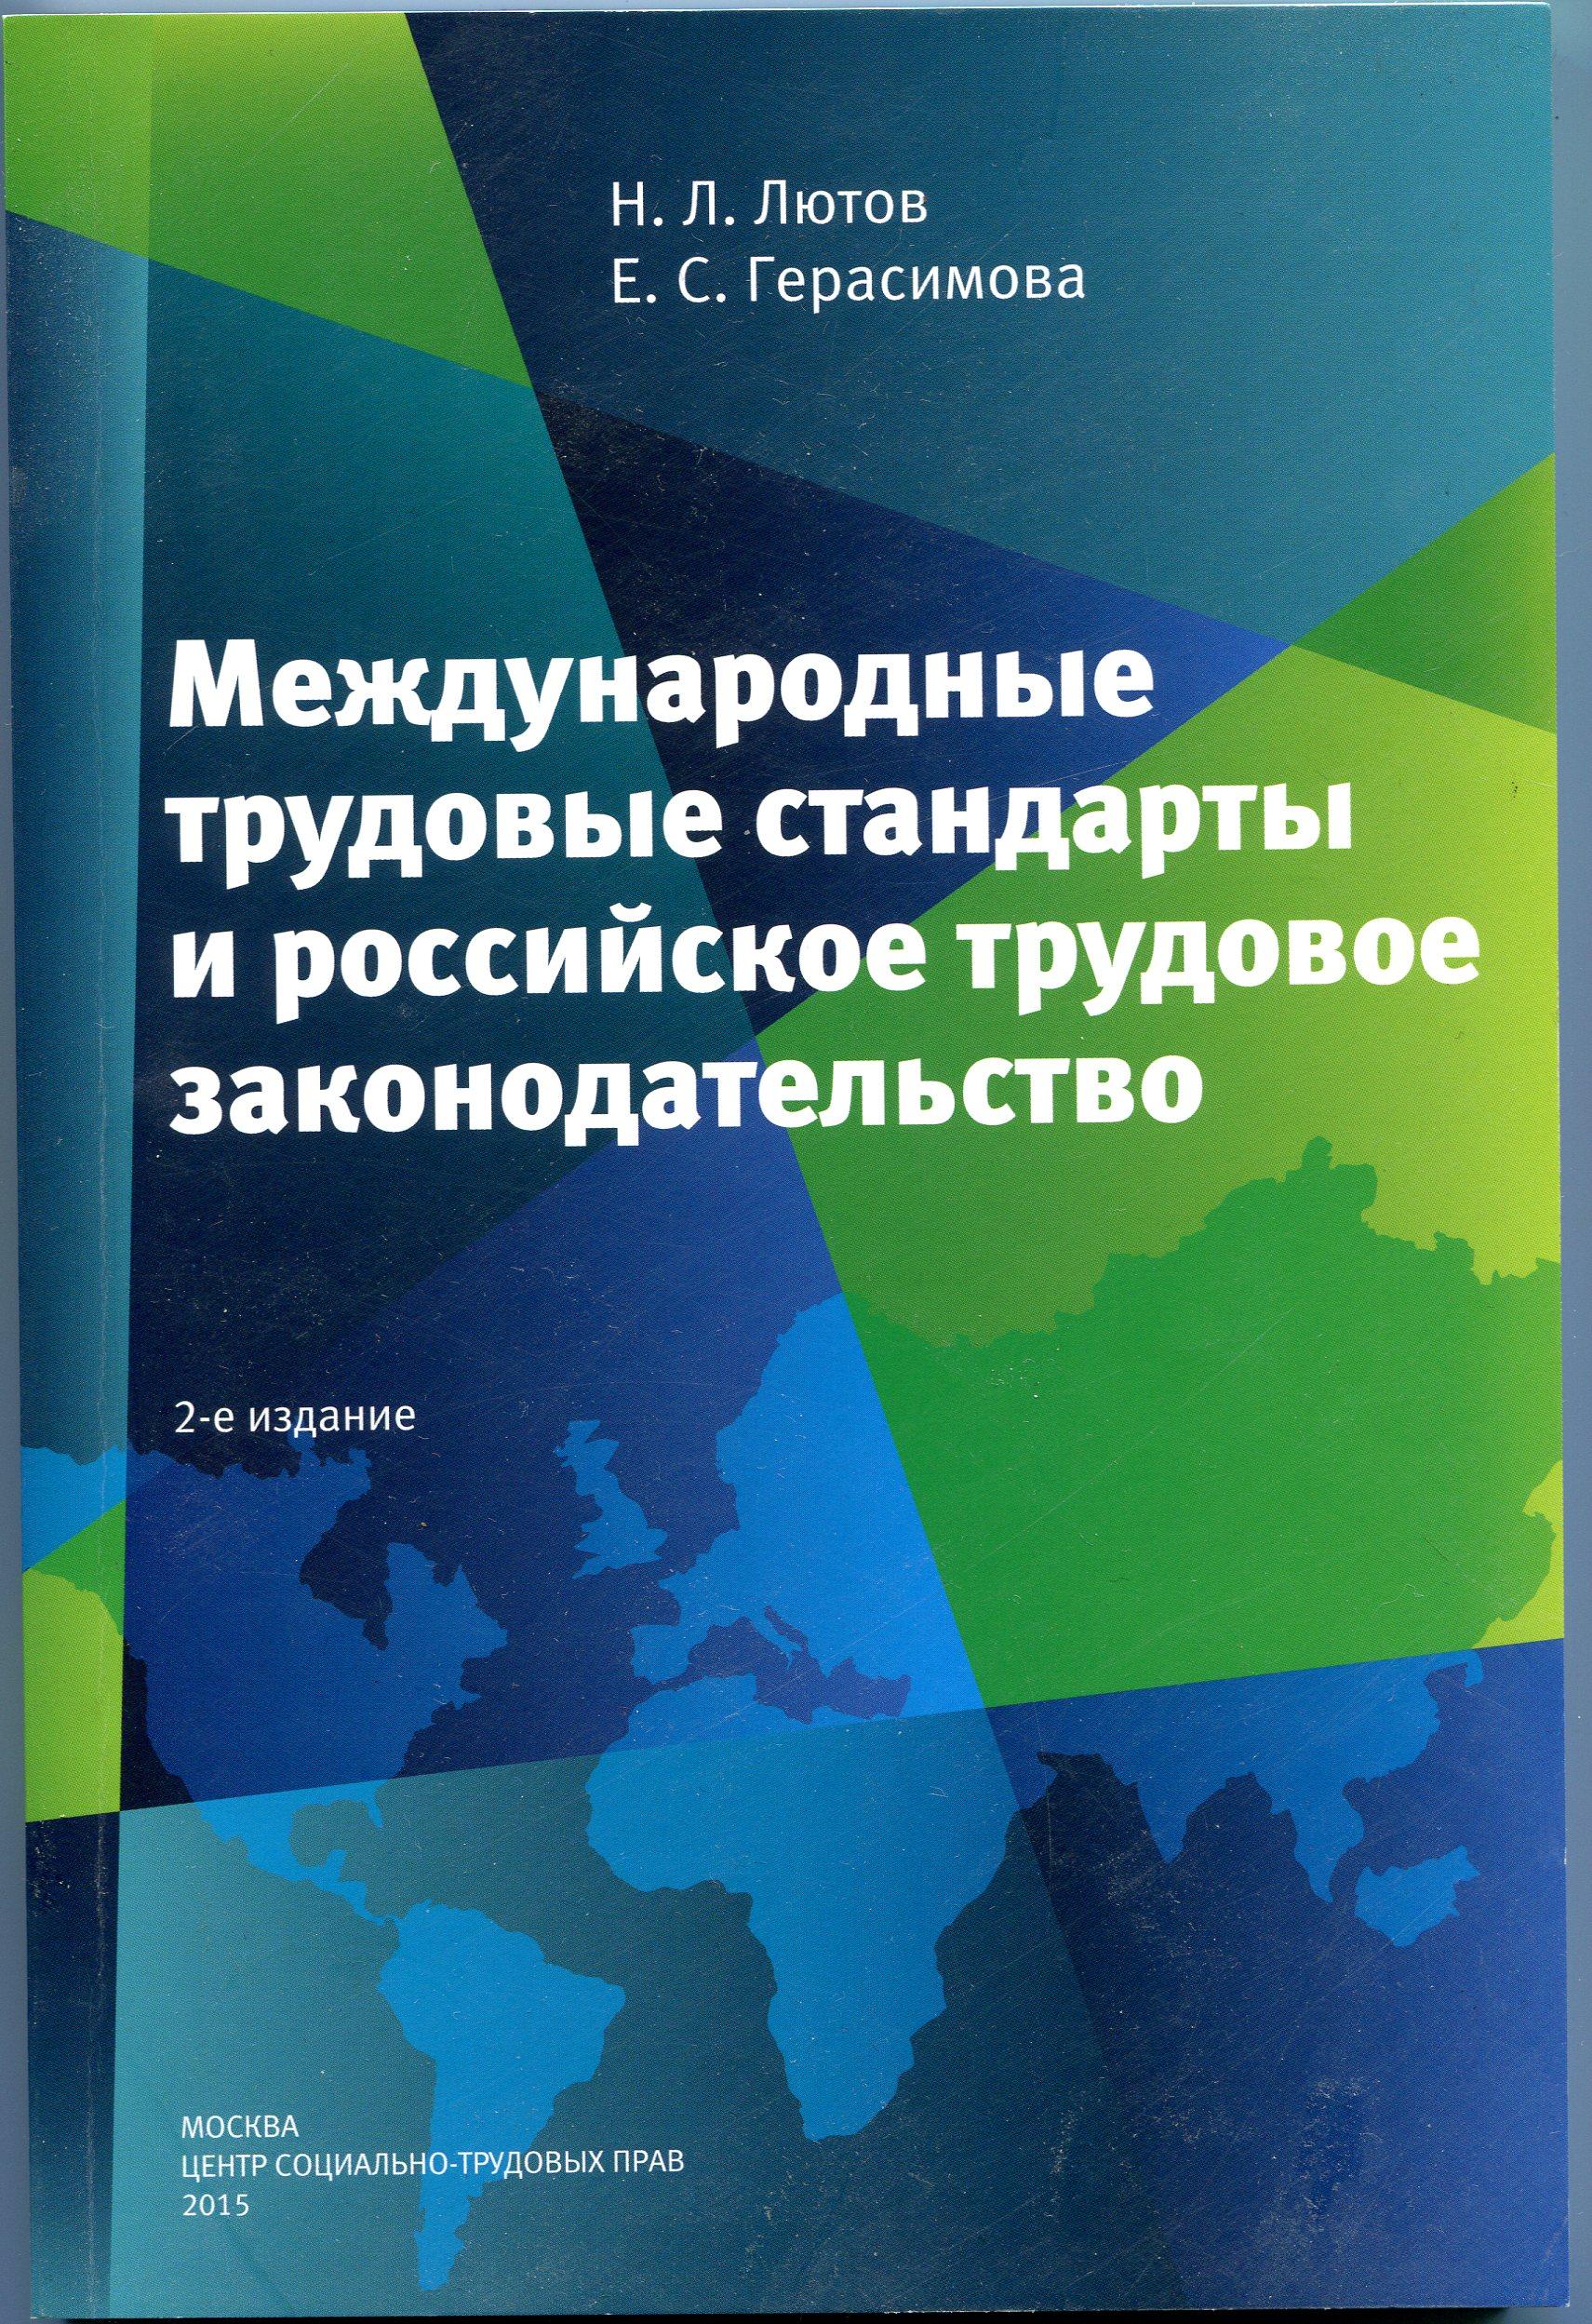 Международные трудовые стандарты и российское трудовое законодательство. Монография. 2-е издание.